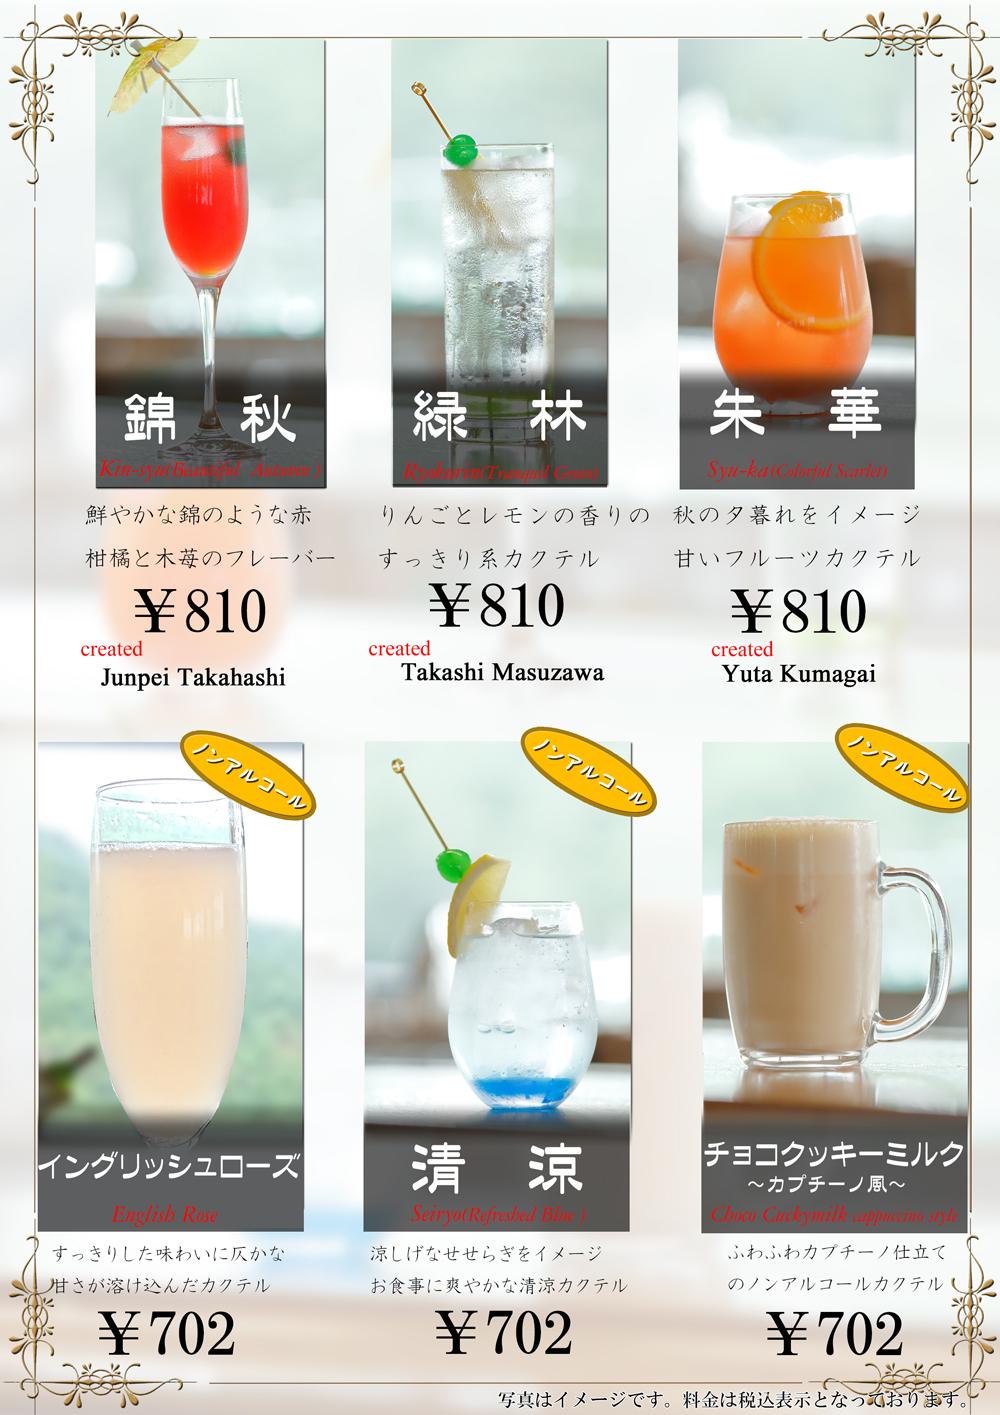 20171003_レストラン「プロスパー」 秋のカクテル.jpg